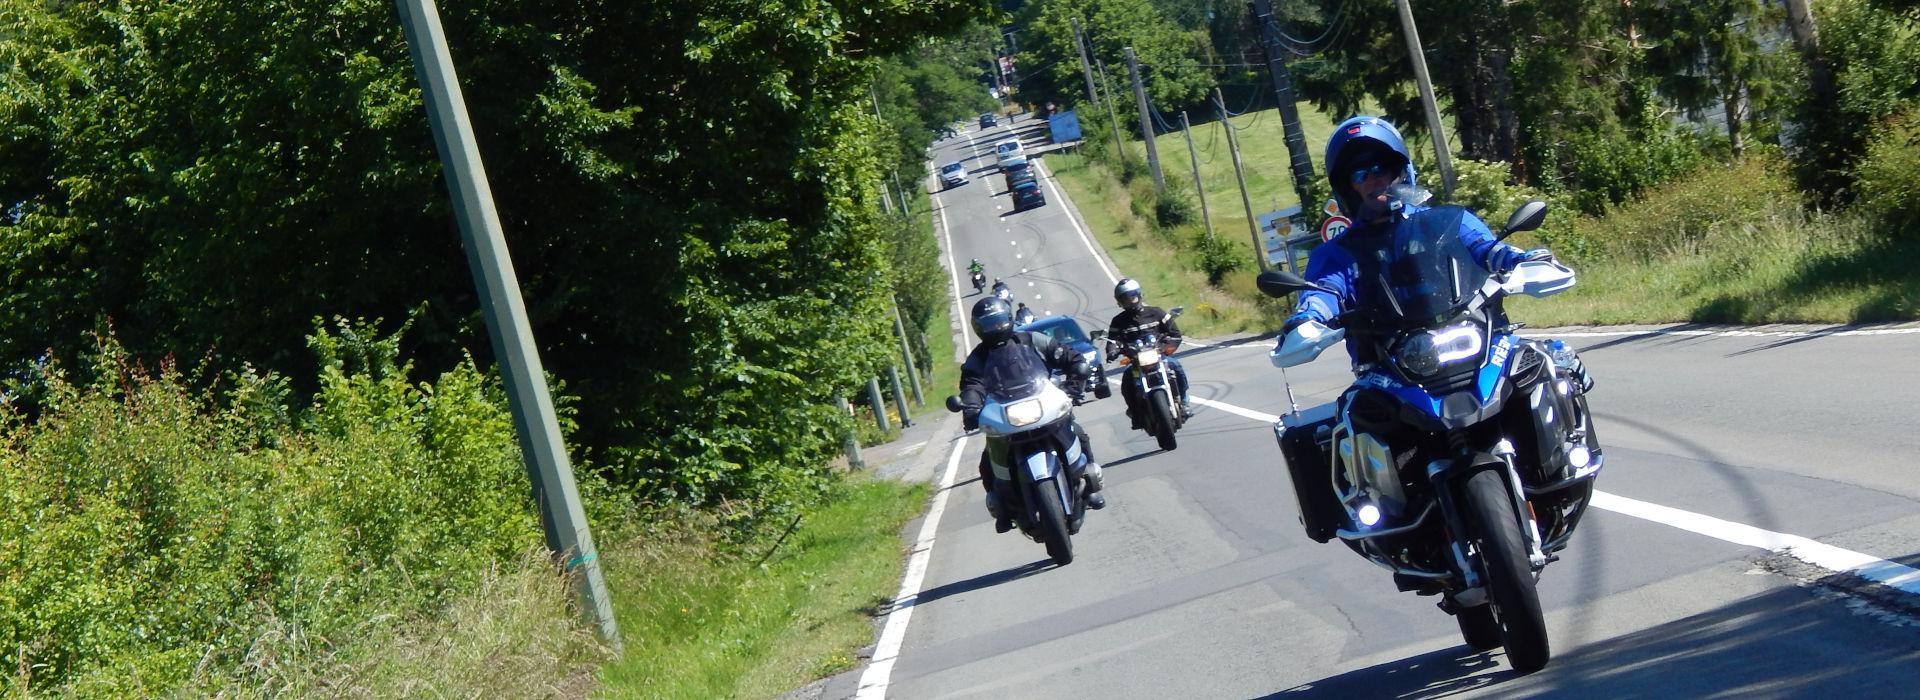 Motorrijbewijspoint Monnickendam snel motorrijbewijs halen